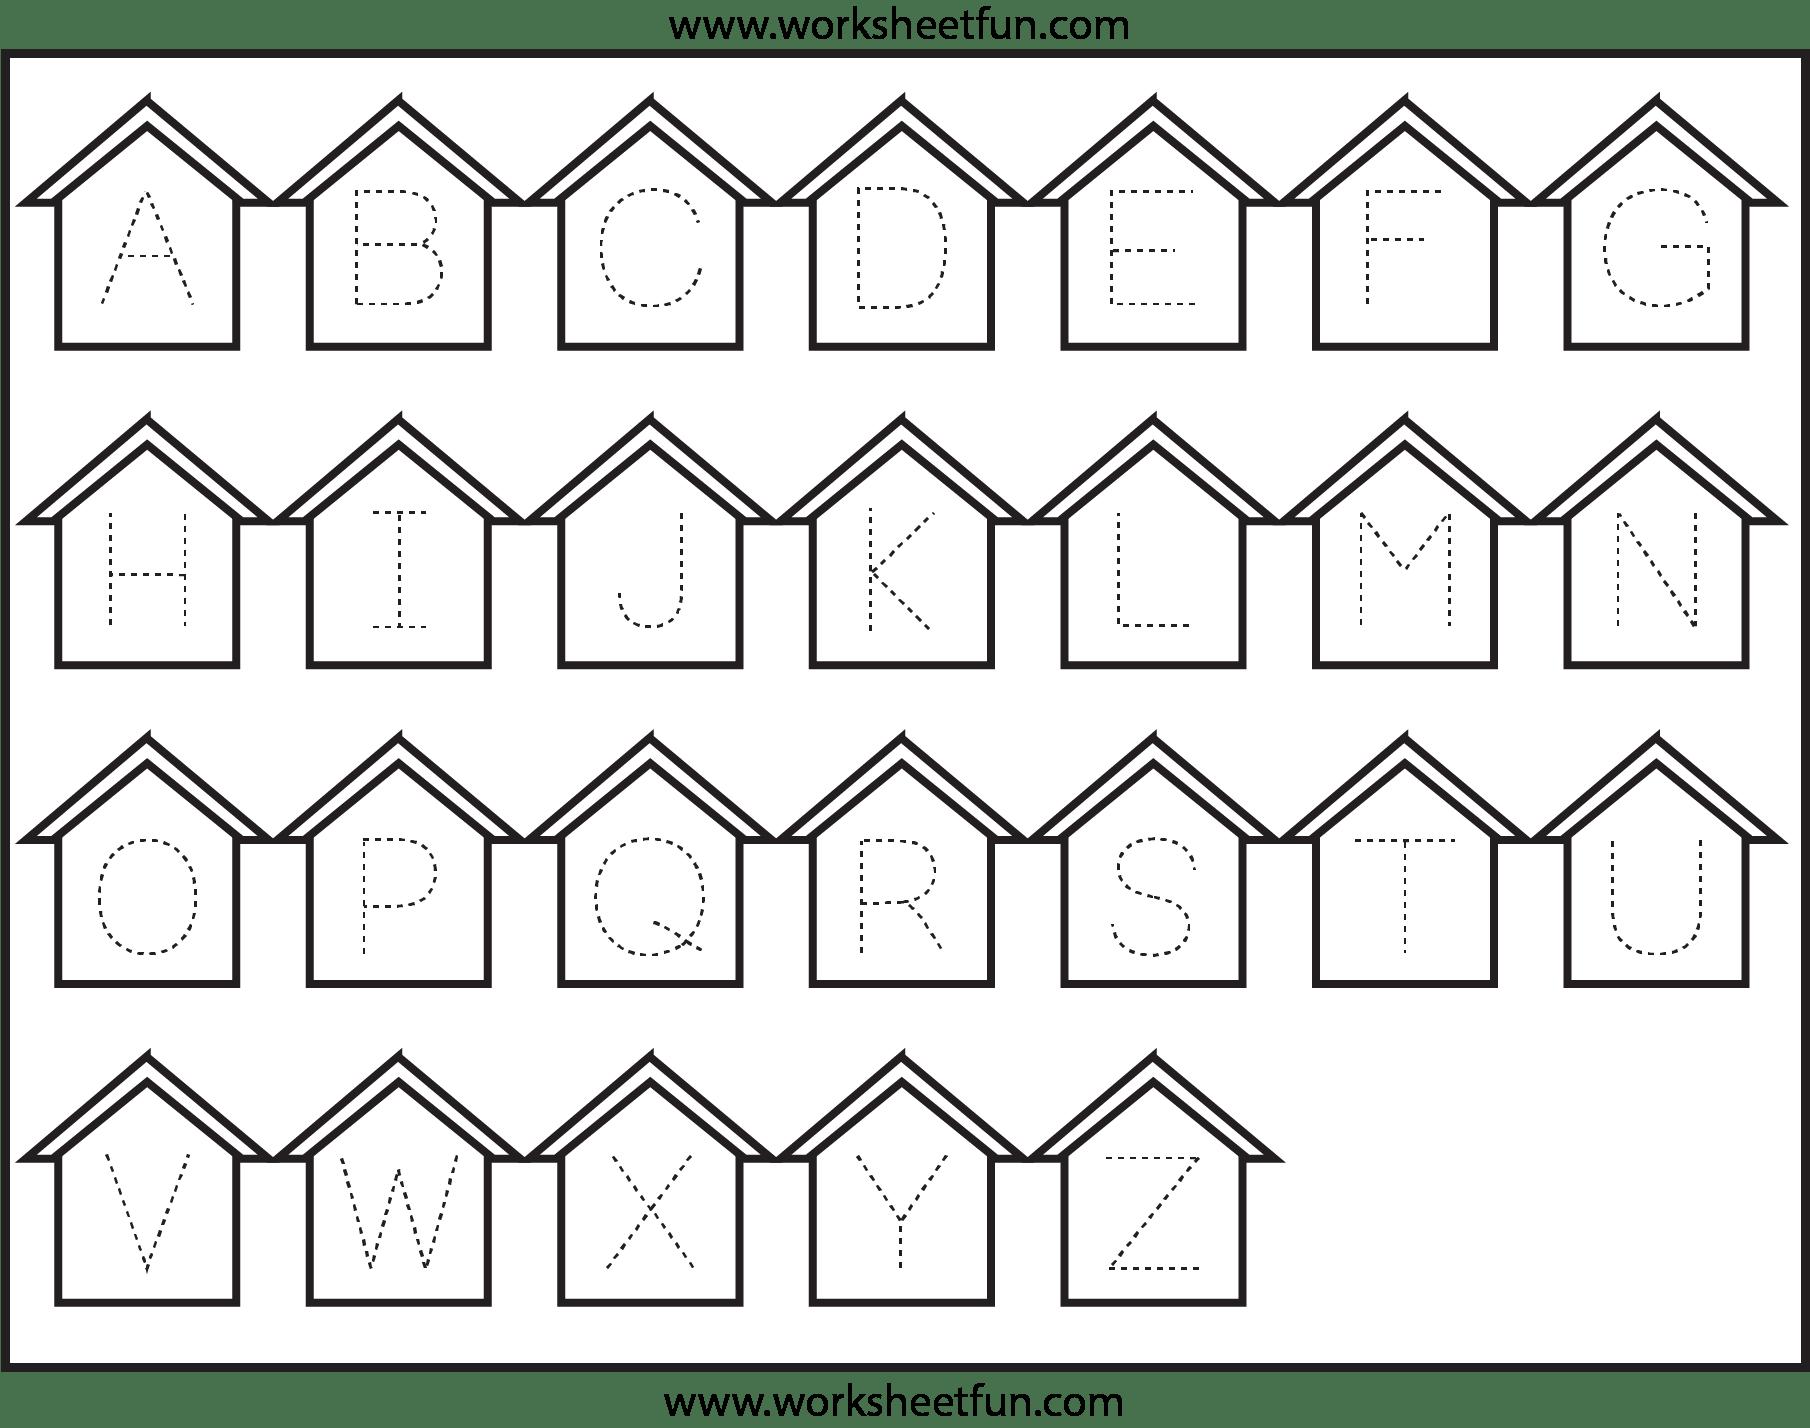 Letter Tracing Worksheets For Kindergarten Capital